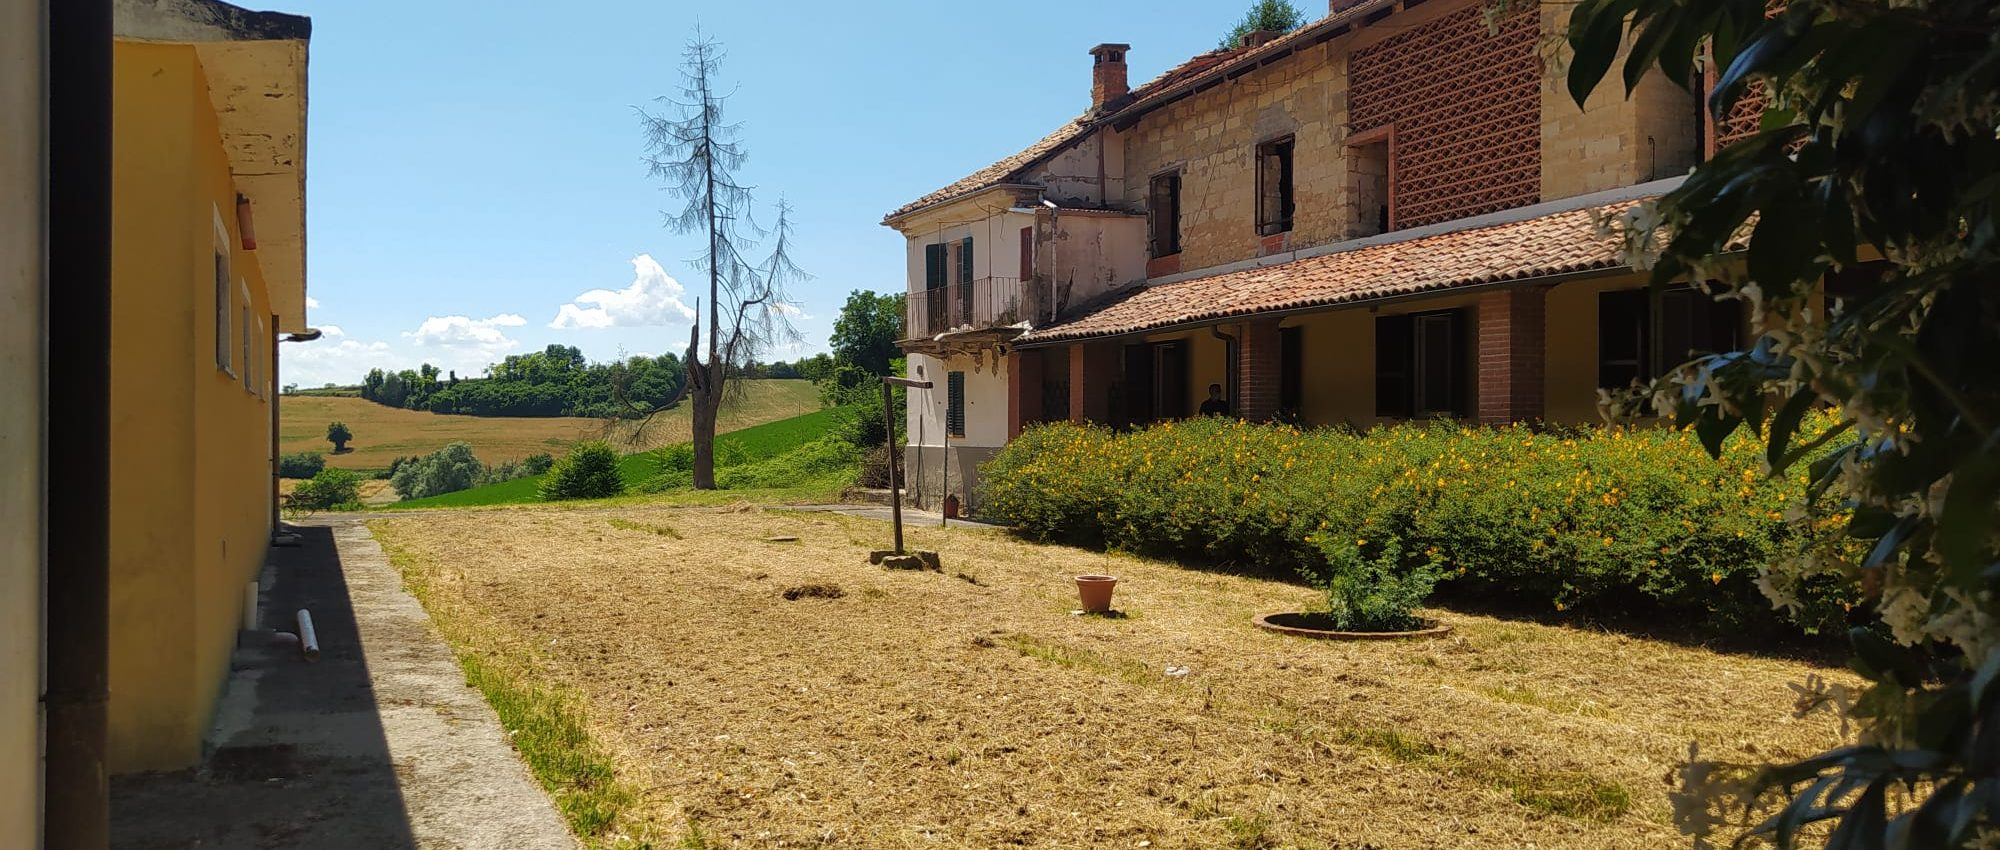 Tenuta nel Monferrato